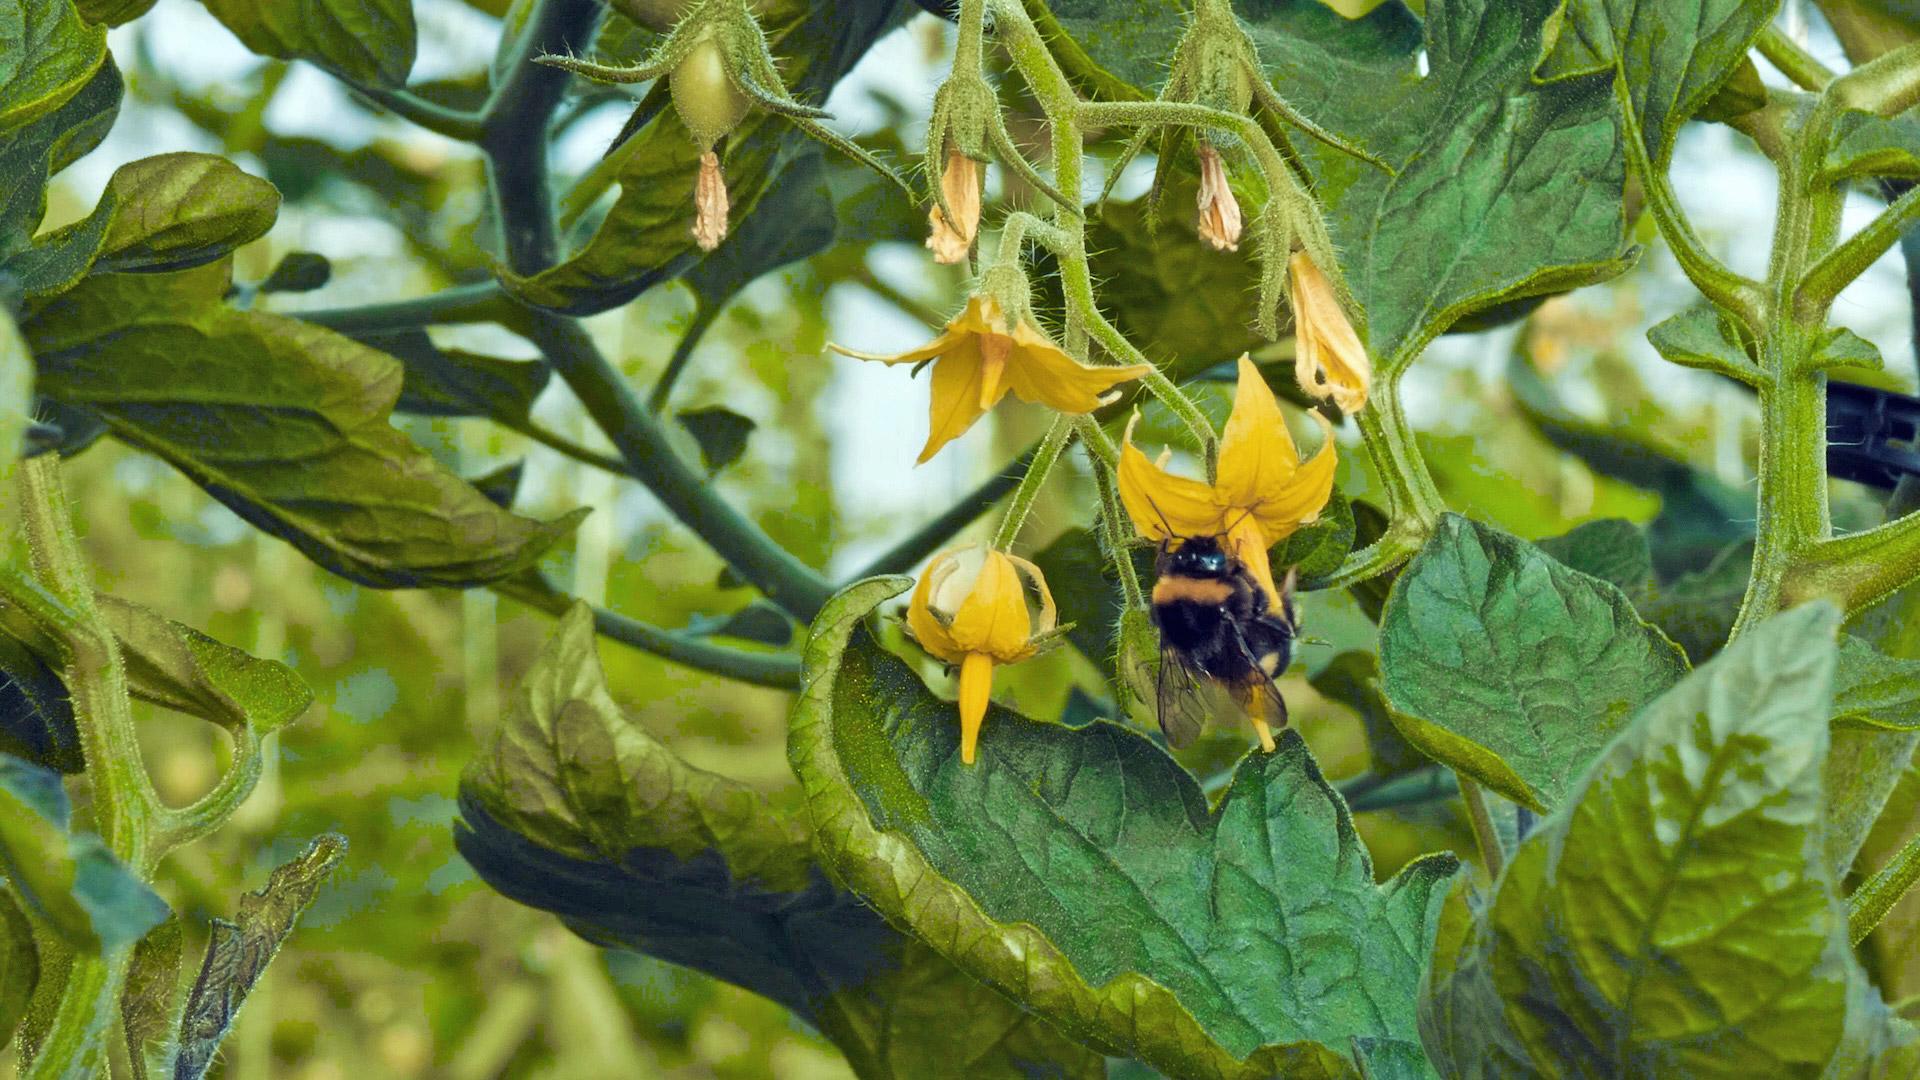 ape-su-fiore-di-pomodoro-giallo